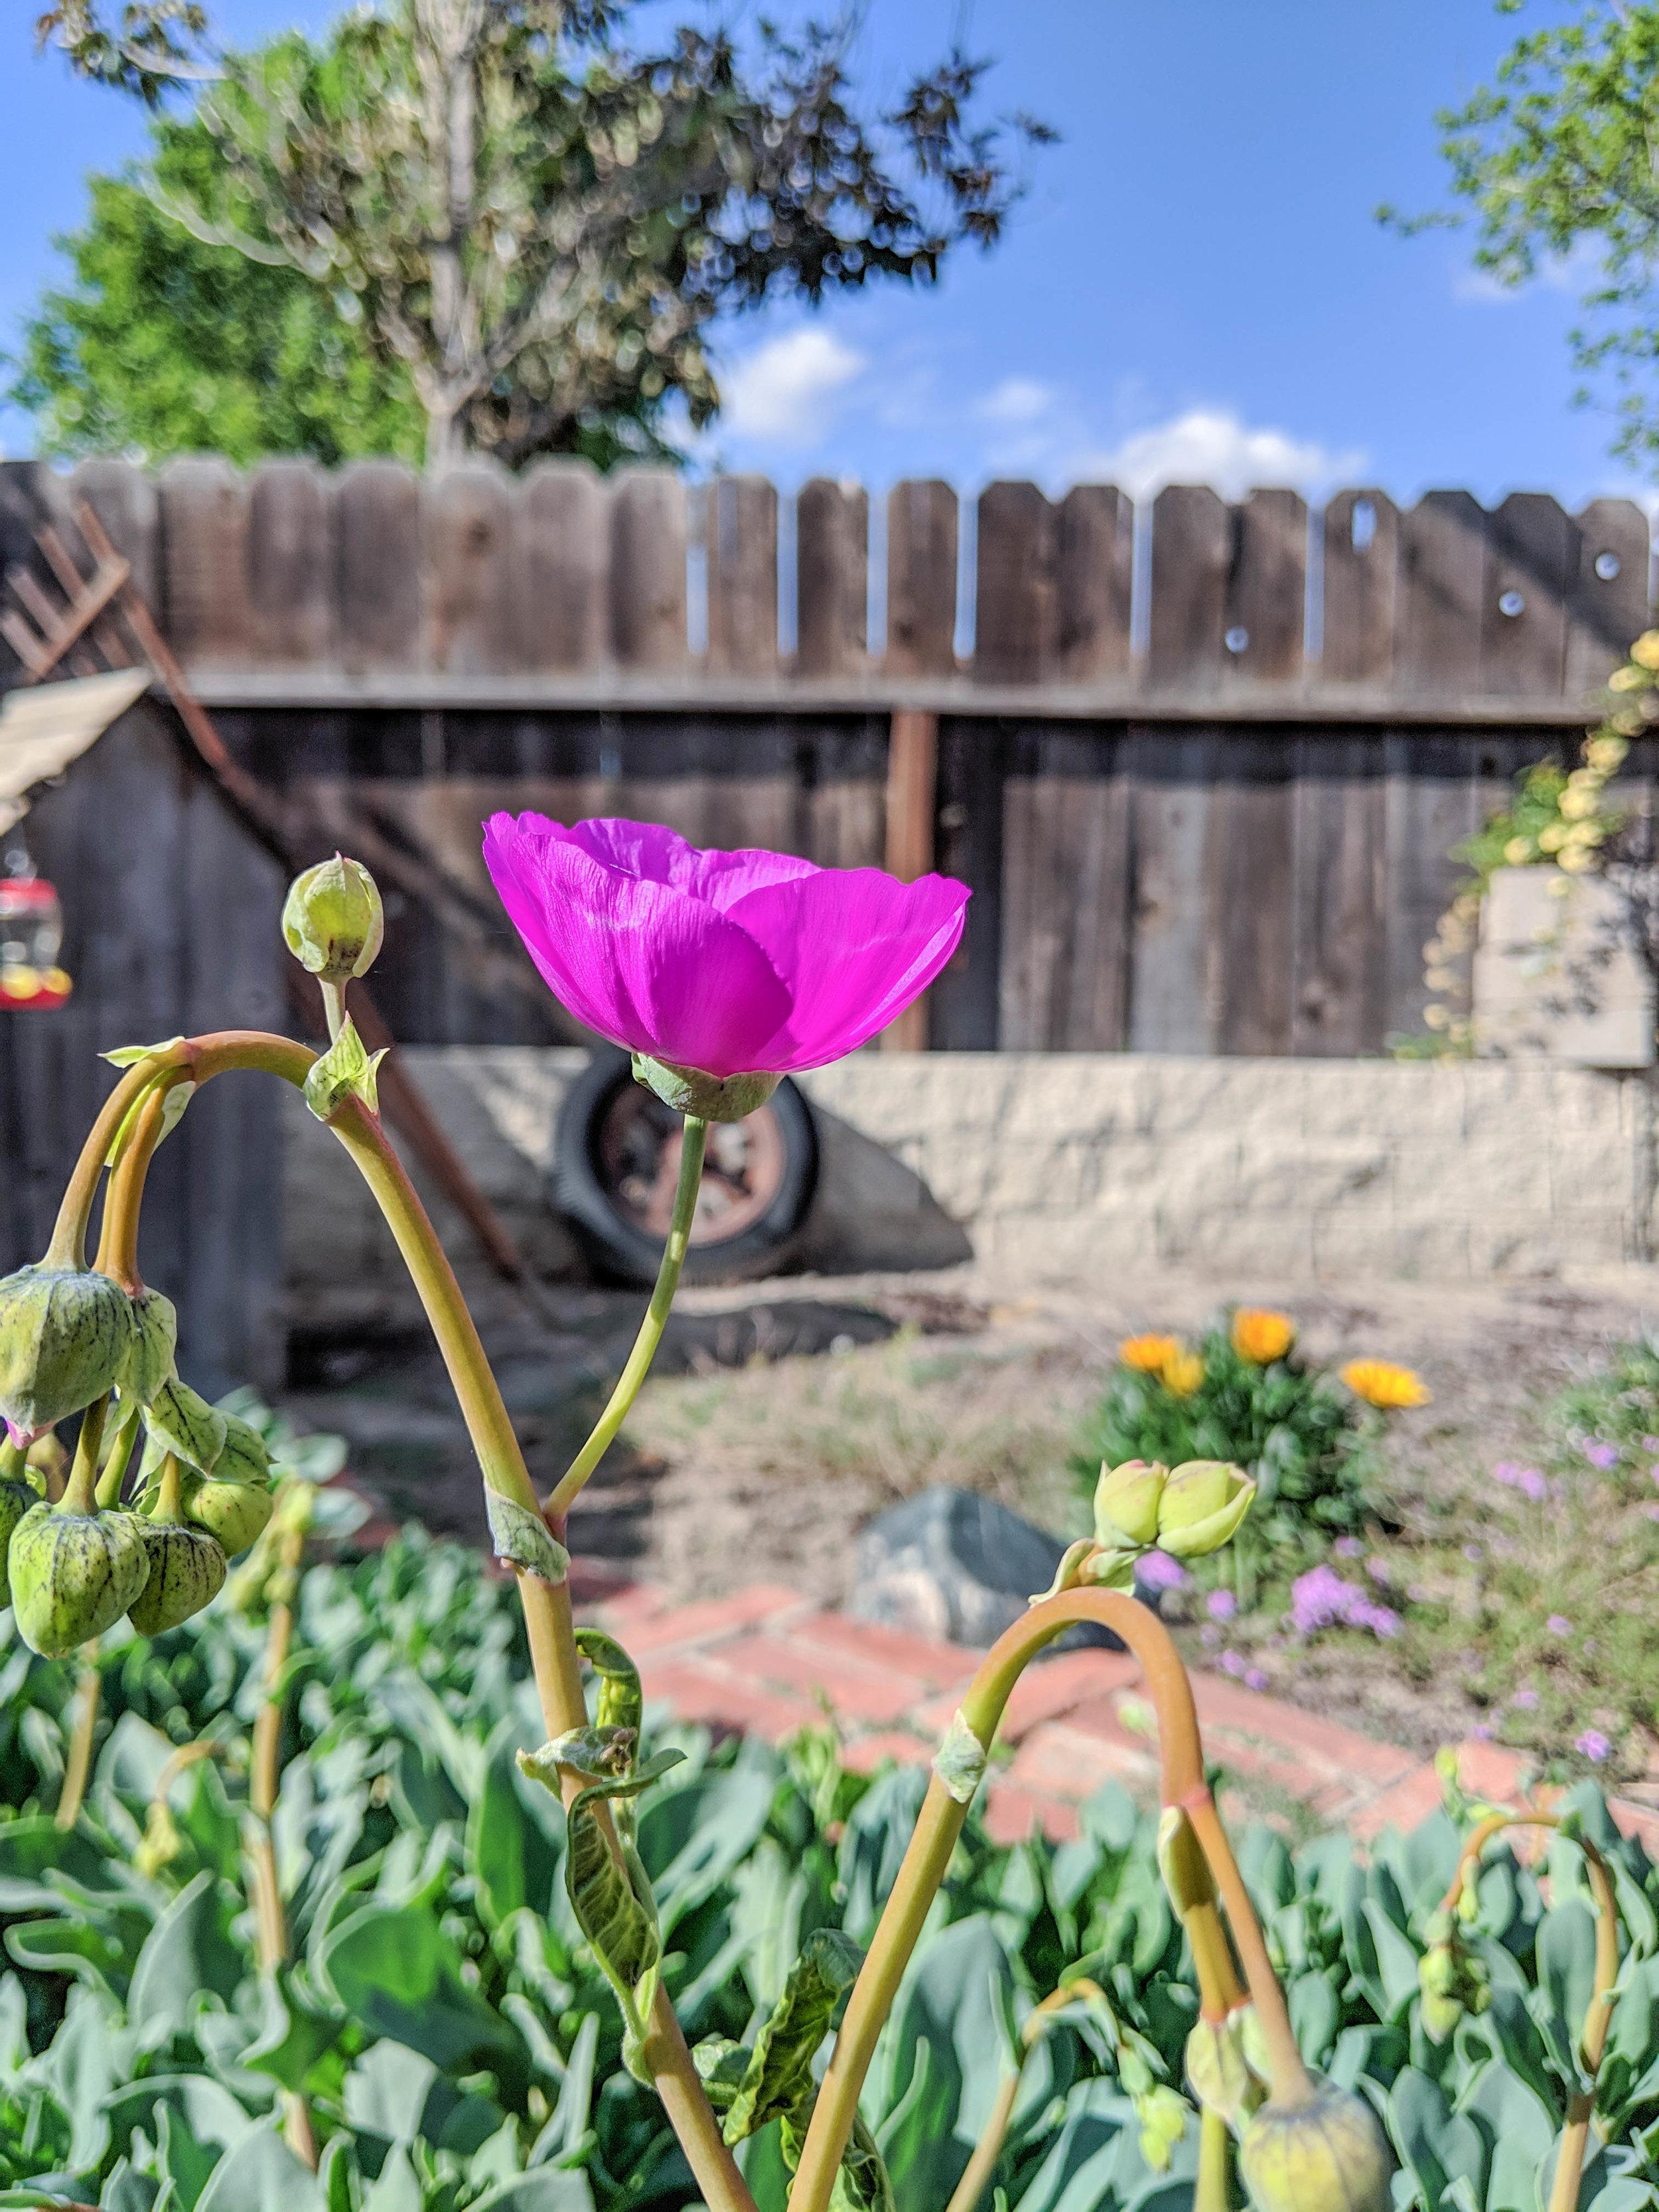 bri rinehart; photography; nature; flower